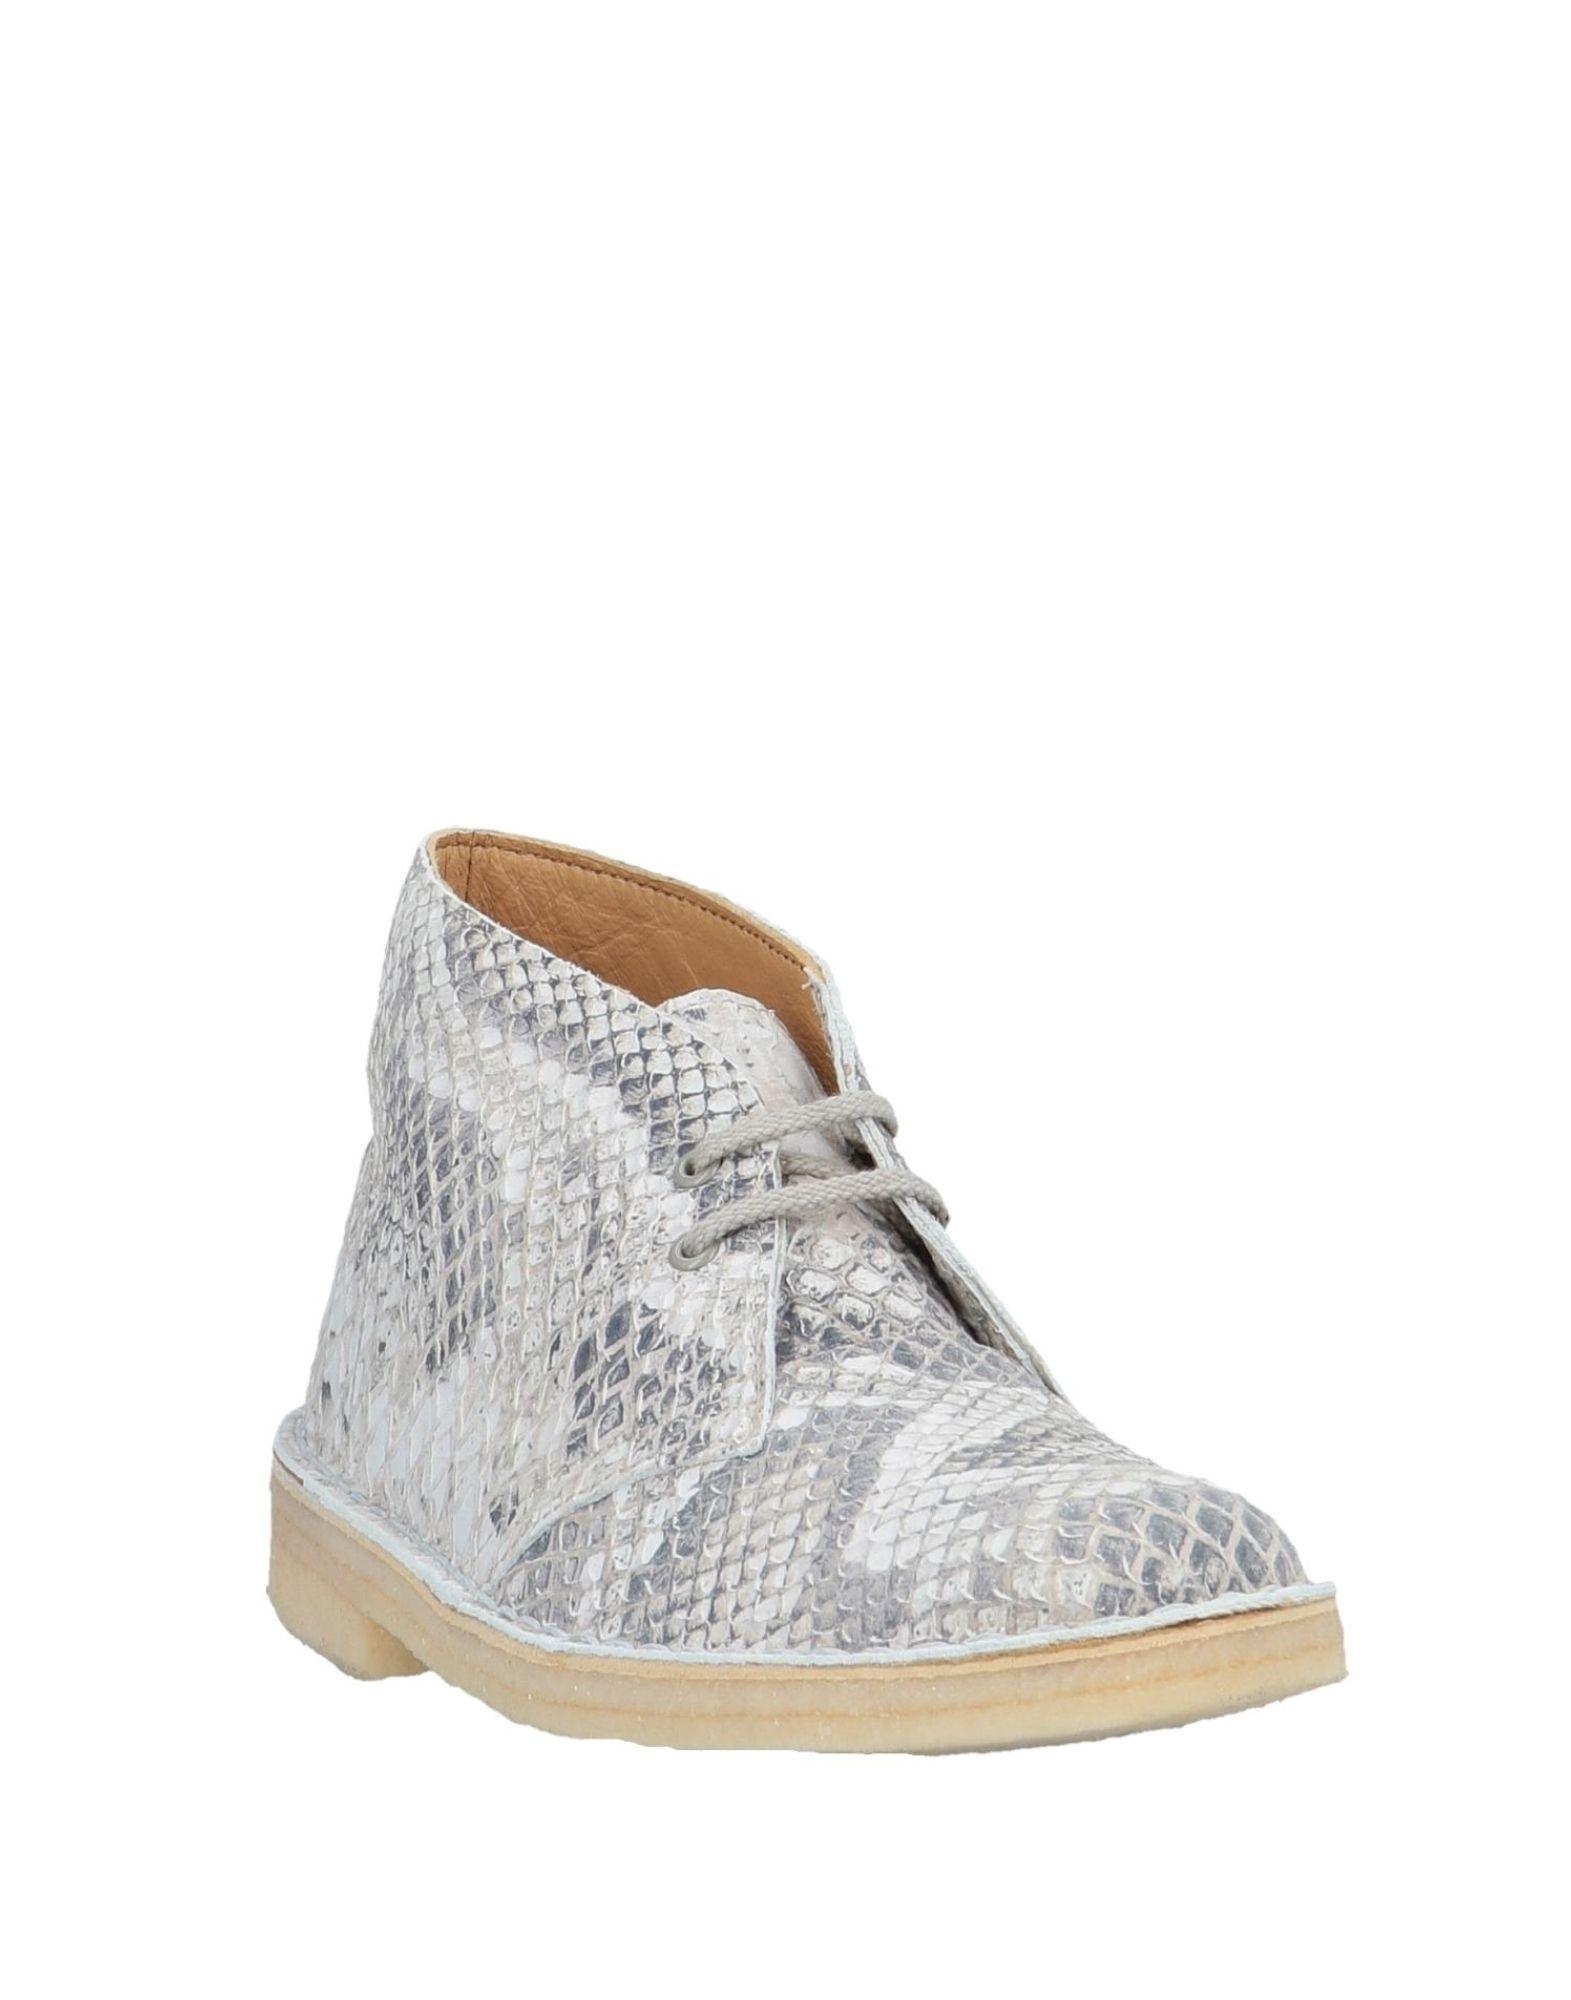 Clarks 11545617MM Originals Stiefelette Damen  11545617MM Clarks Gute Qualität beliebte Schuhe ffd1e1